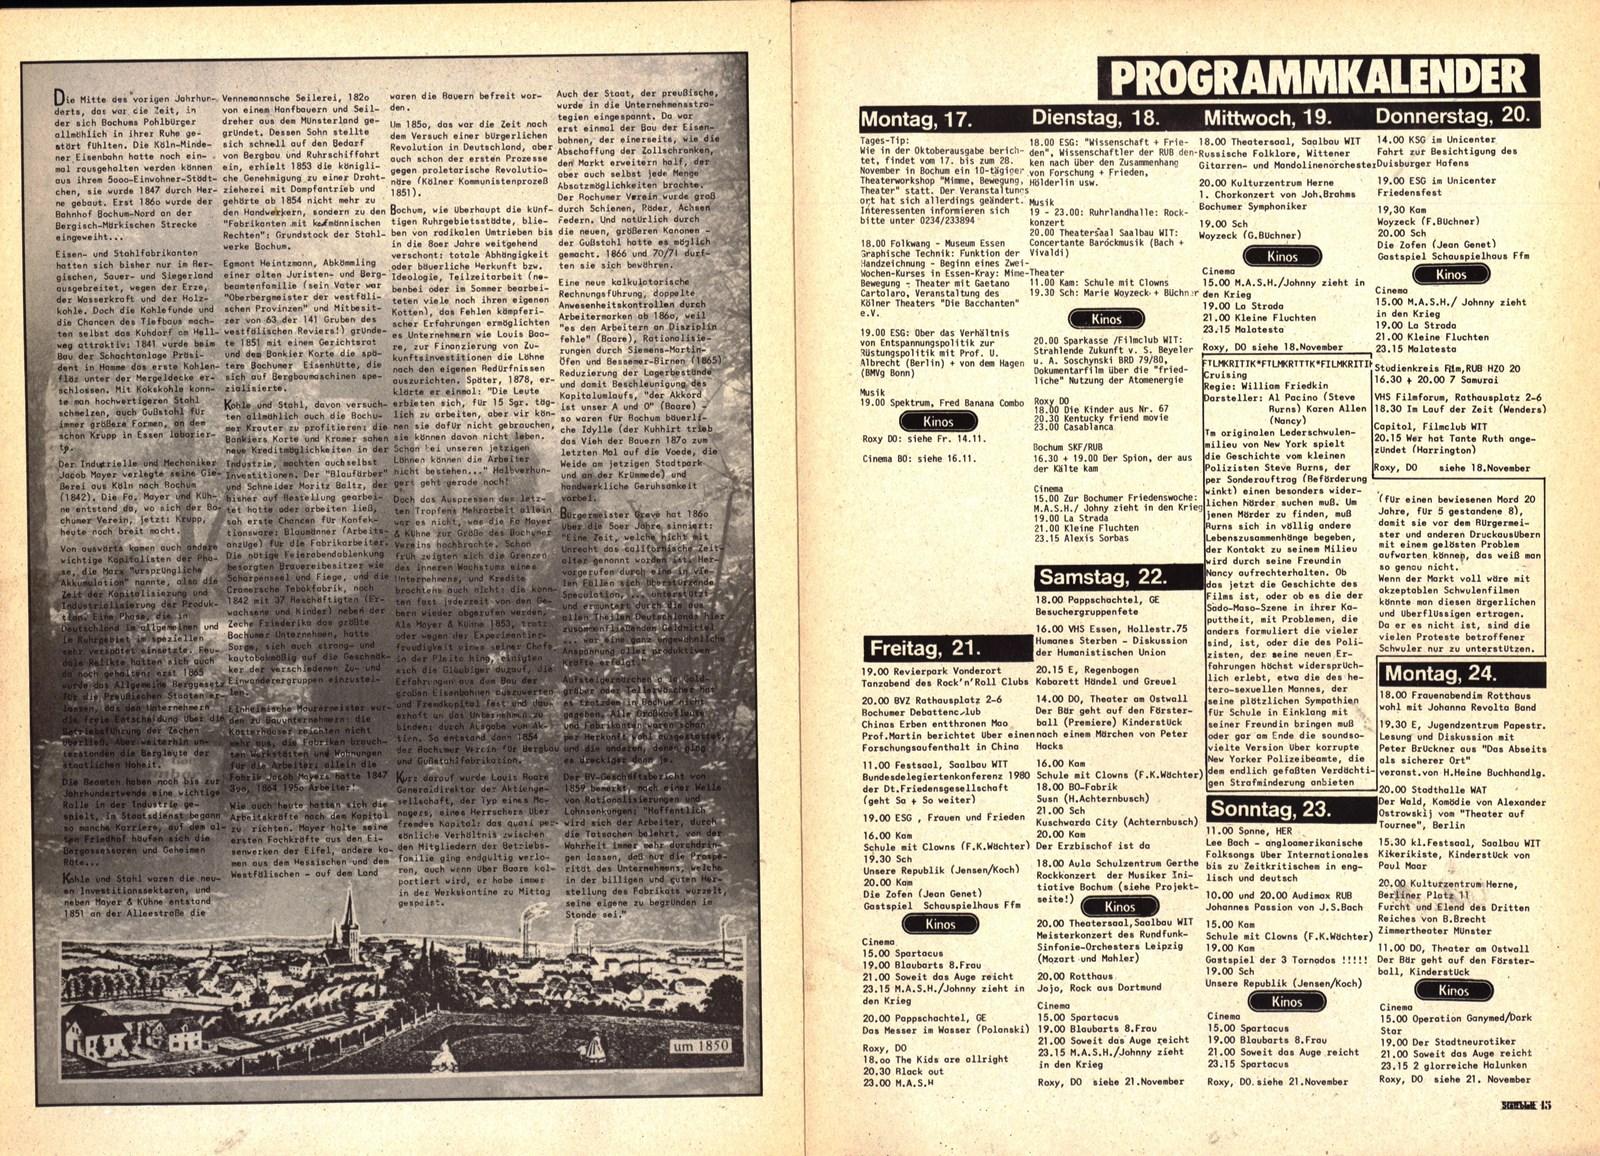 Bochum_Stattblatt_19801100_42_08